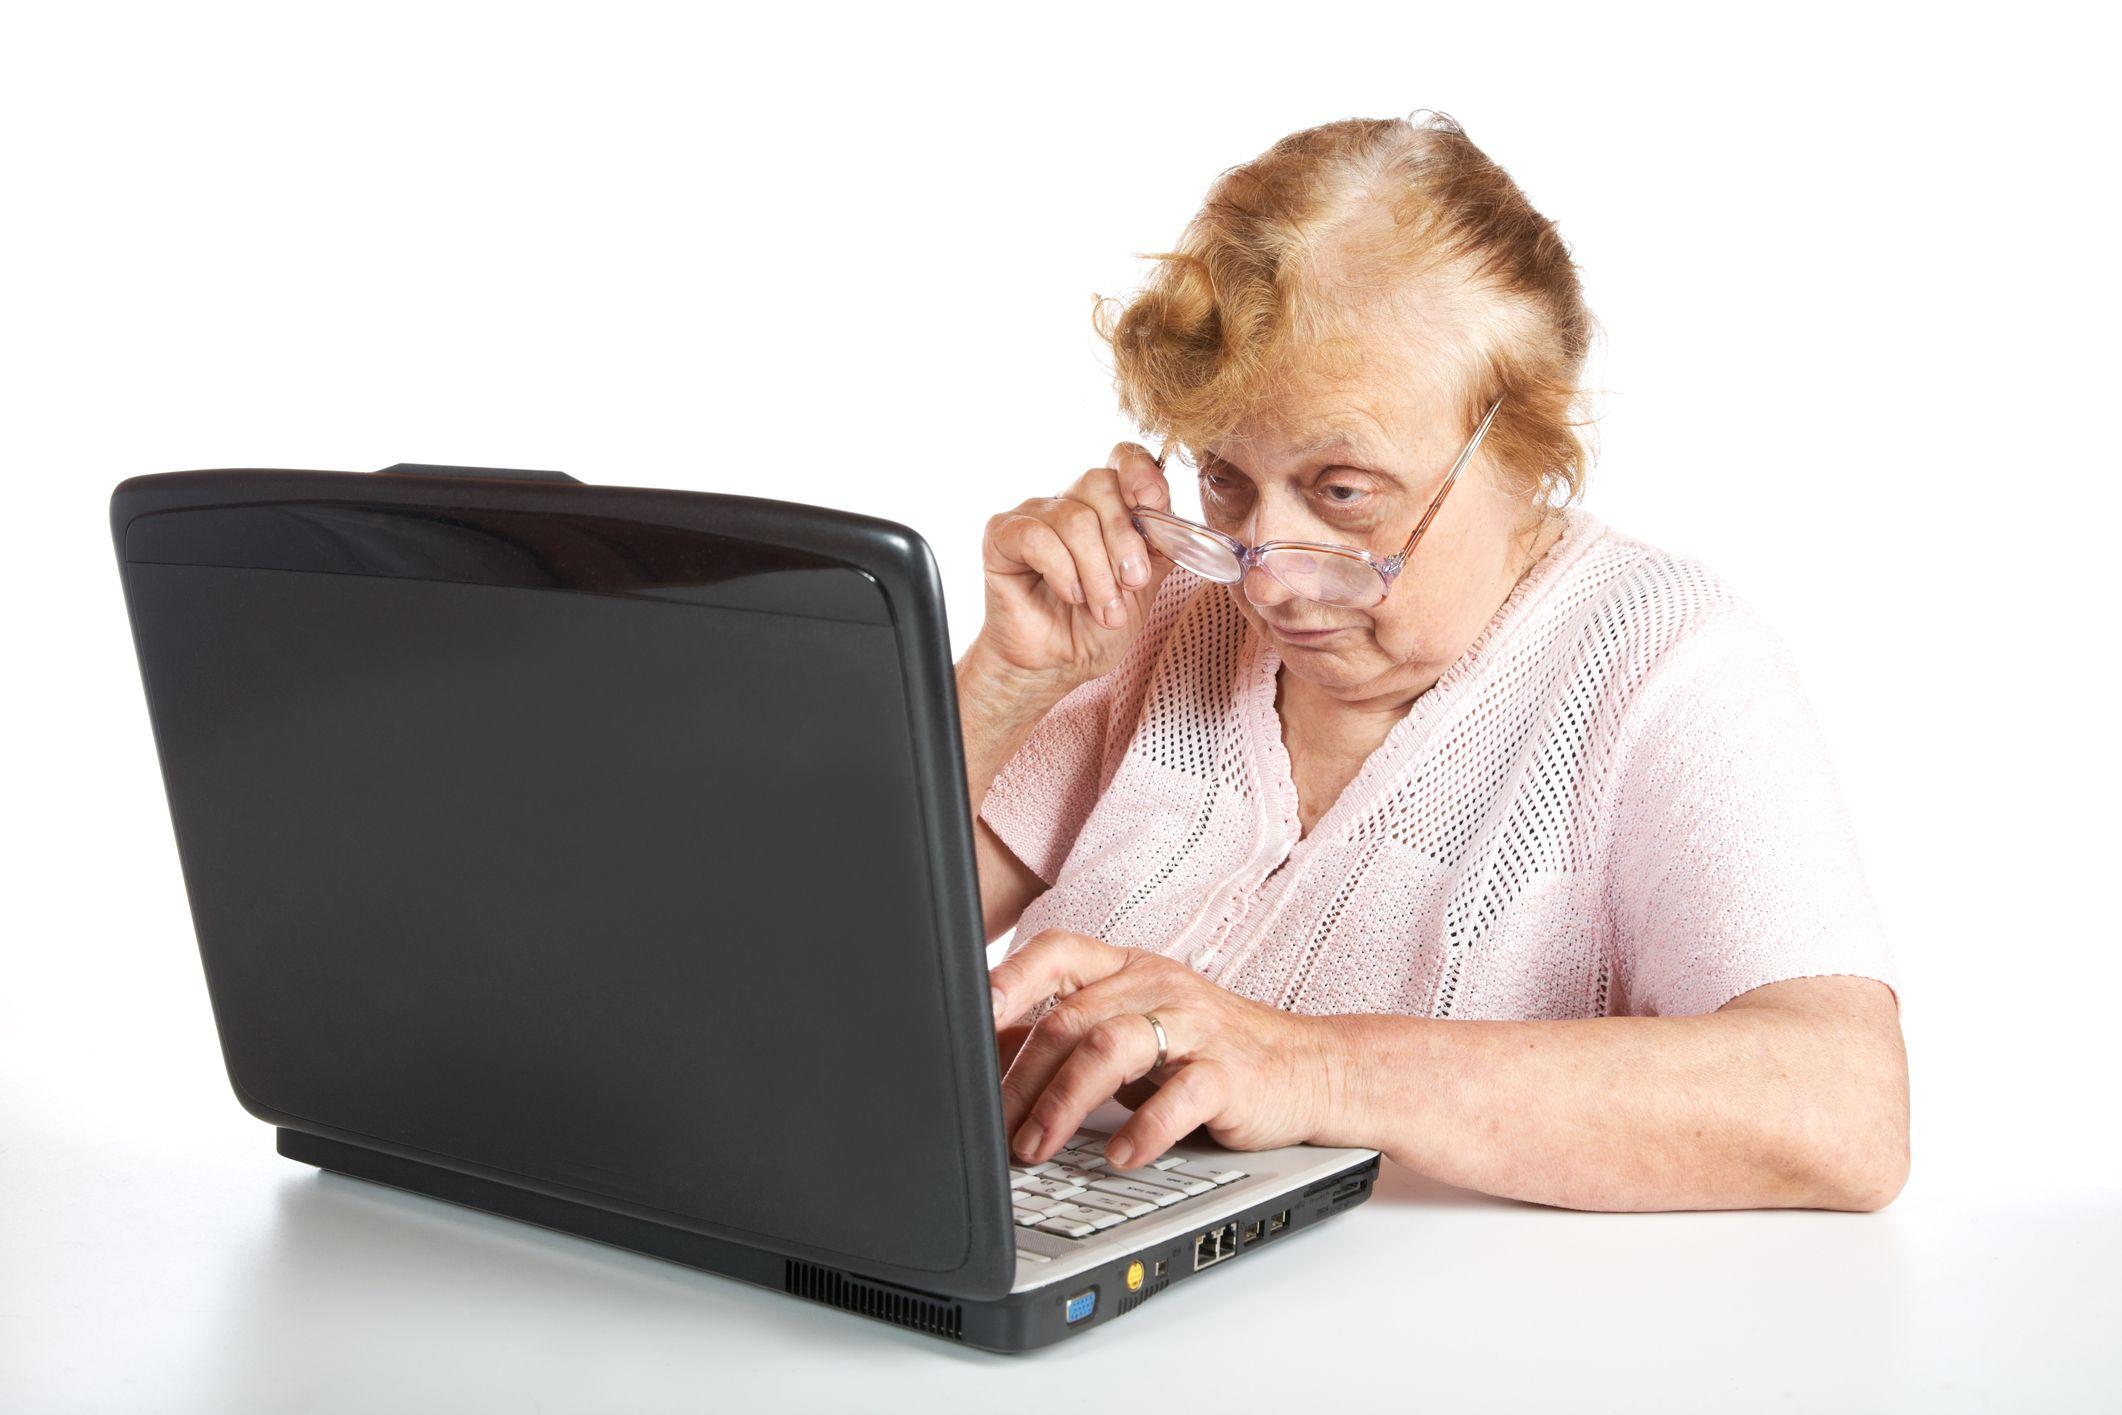 W marcu największa waloryzacja dla emerytów od 5 lat